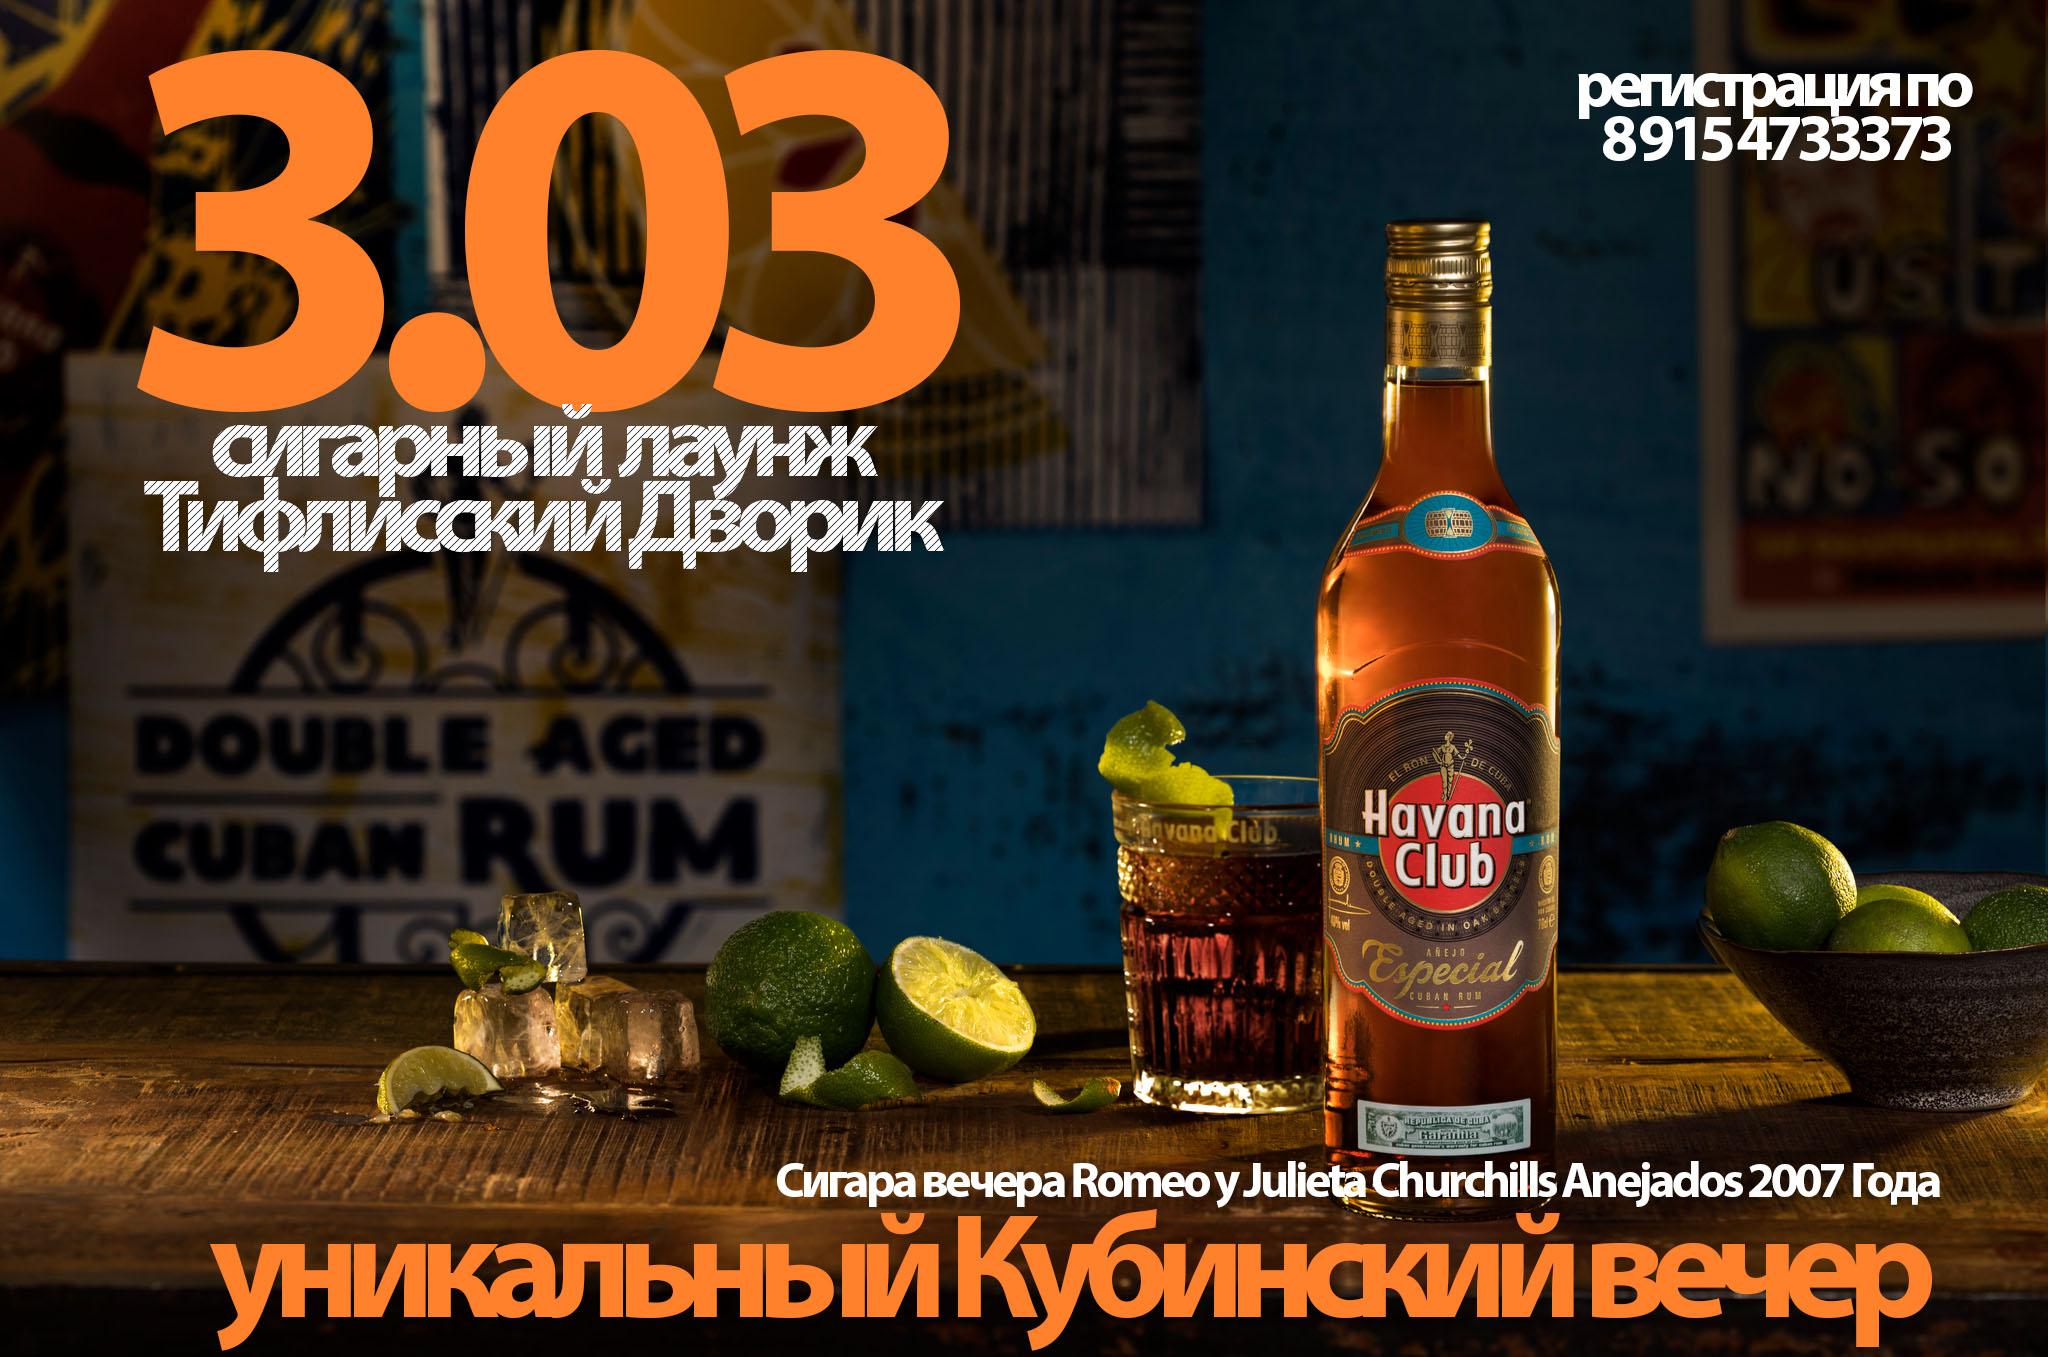 3 марта уникальный Кубинский вечер в Сигарном Лаунже Тифлисский Дворик. Havana Club и Romeo y Julieta